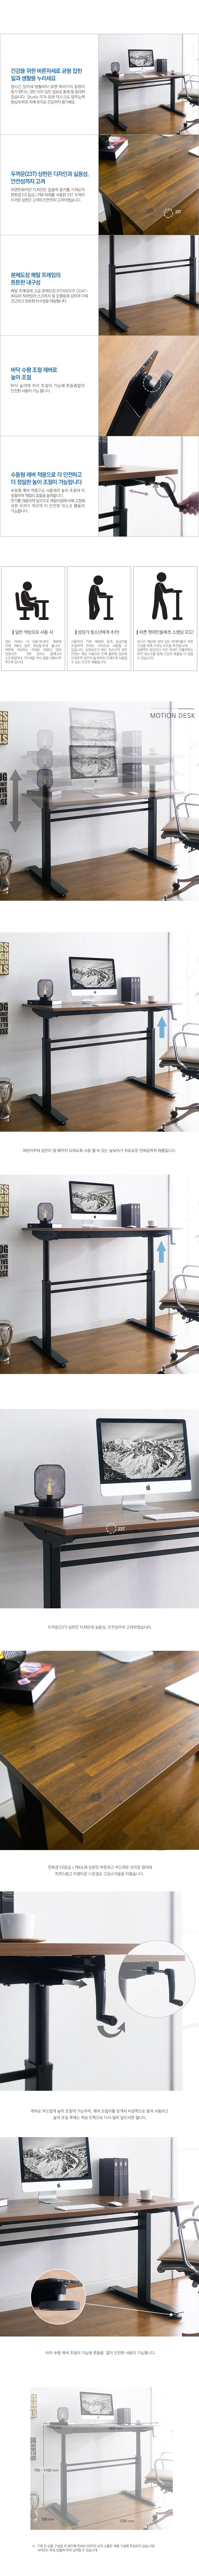 84055-Motion_Desk_180620-03.jpg